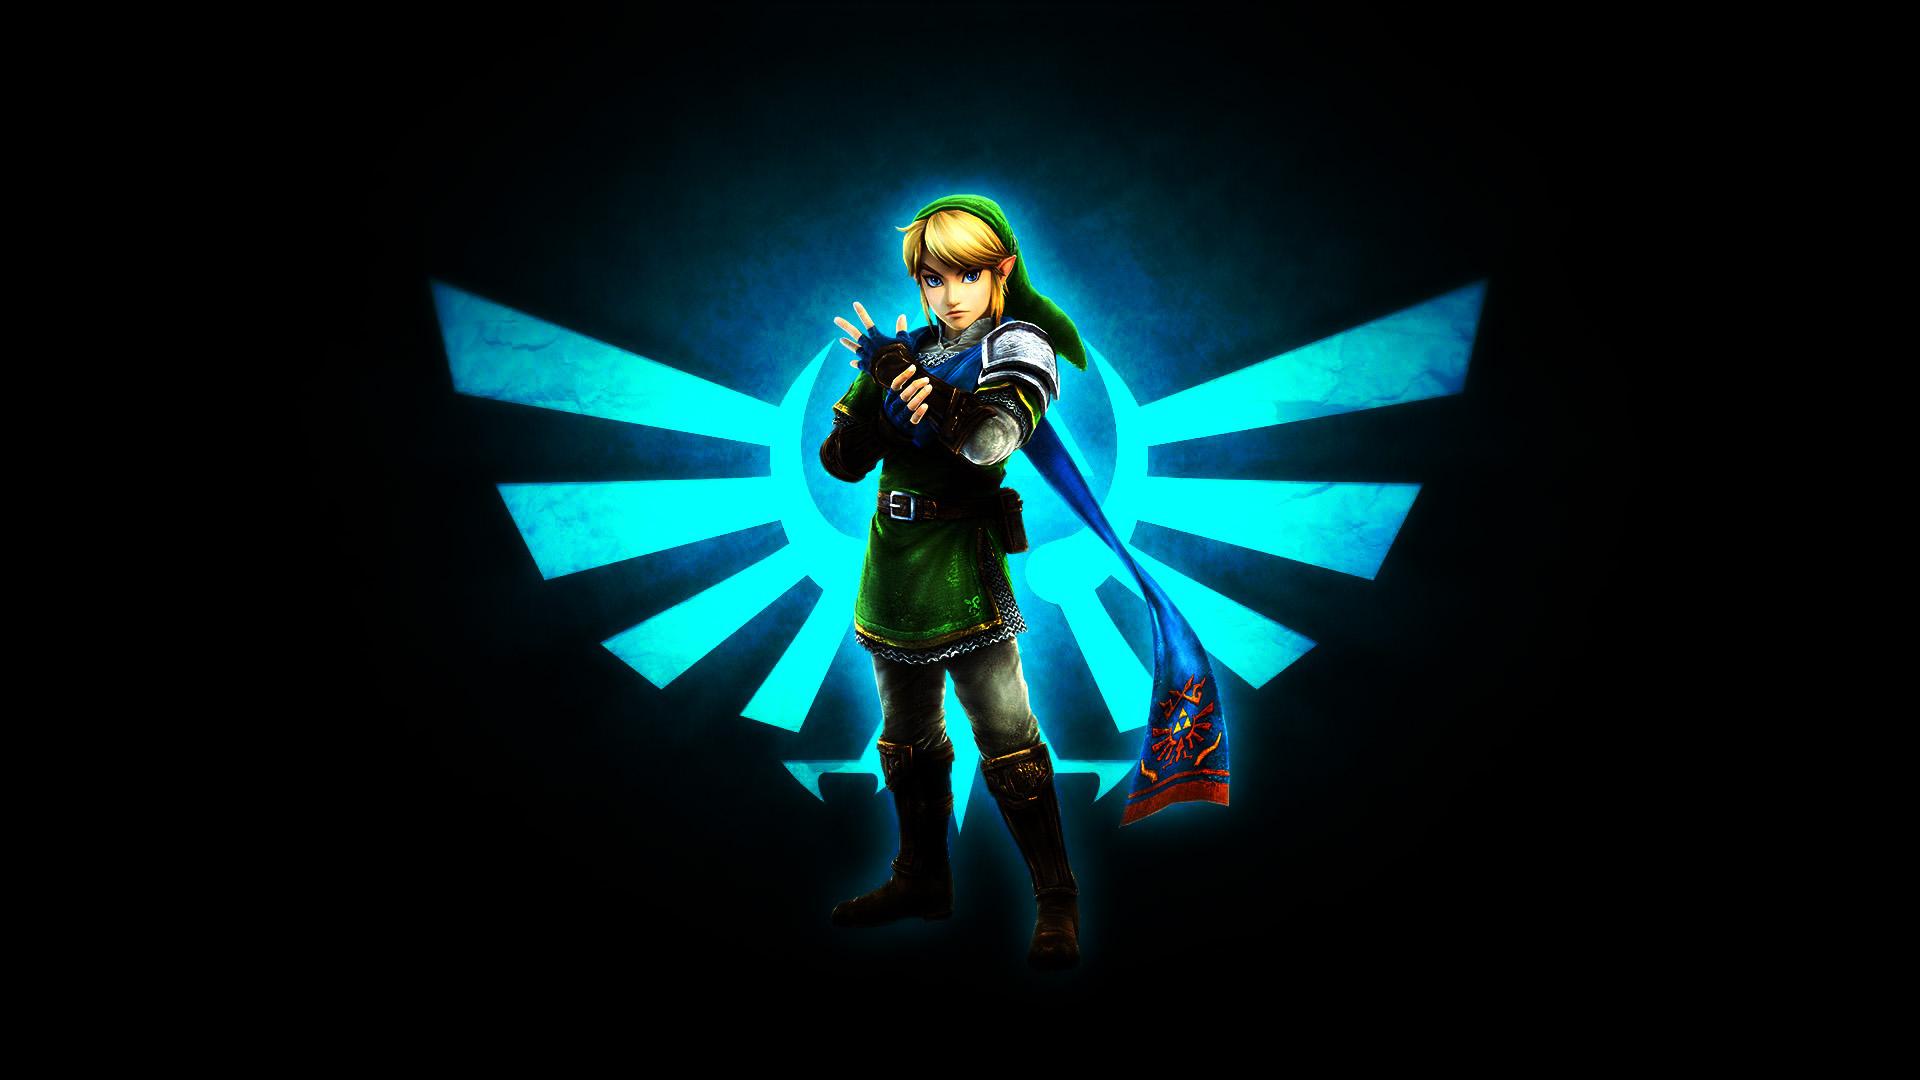 Zelda Link Wallpaper 1920x1080